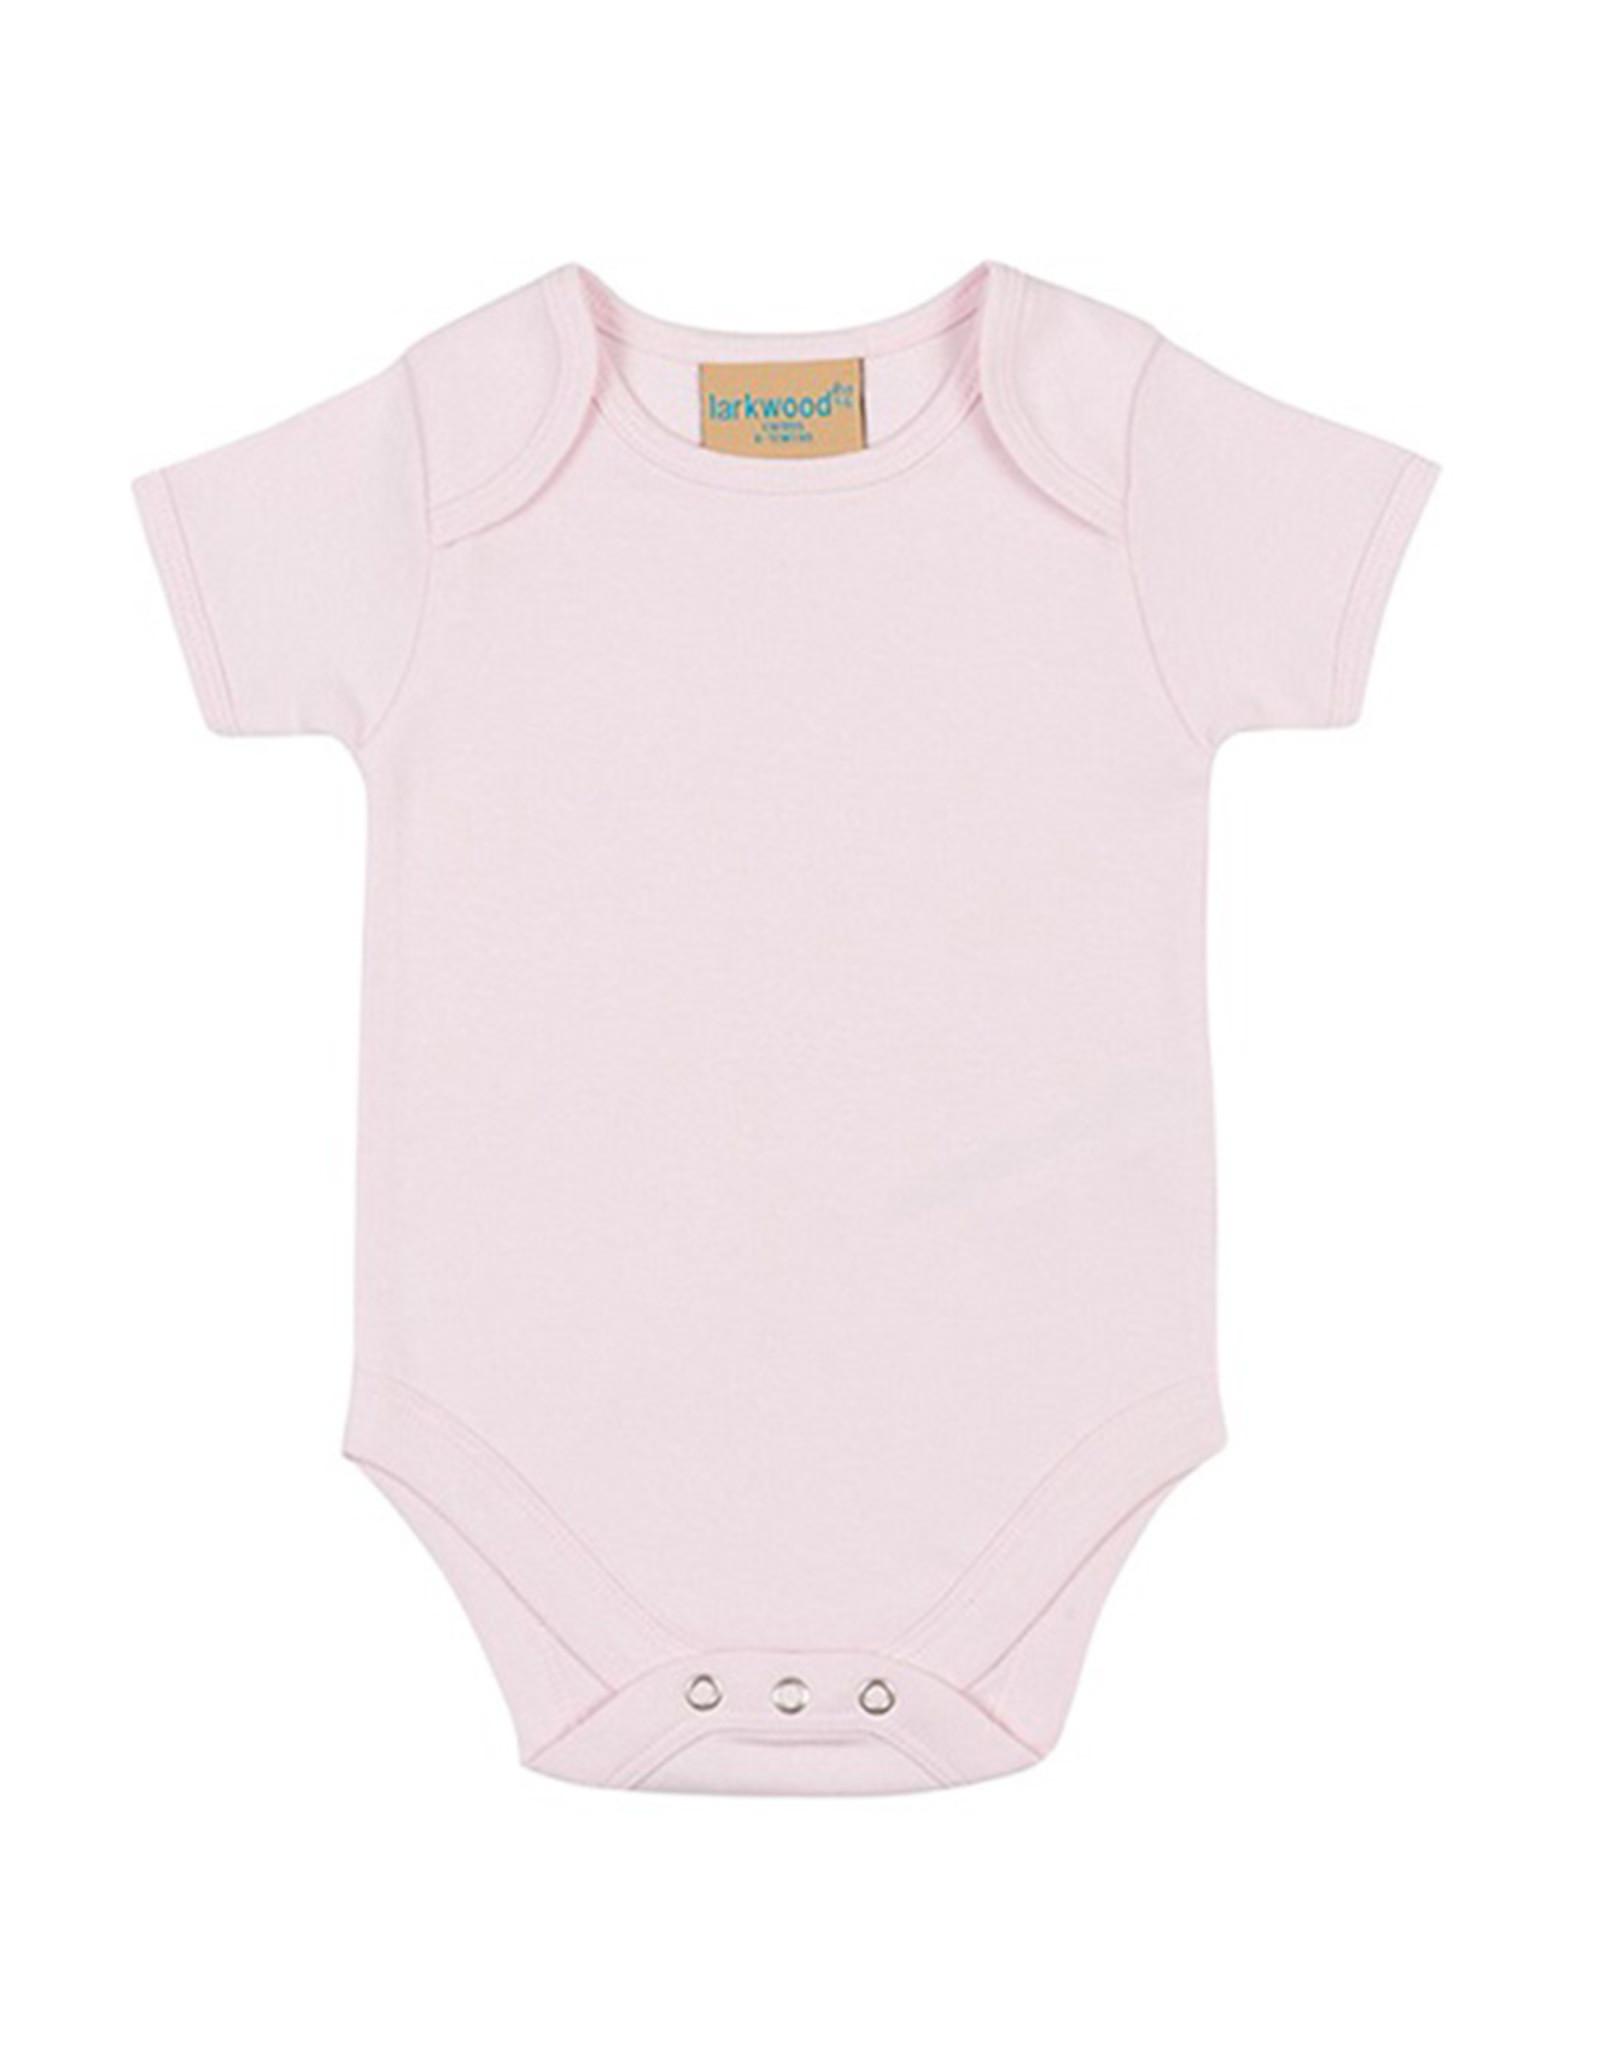 Kopie-Druk Baby rompertje met naam